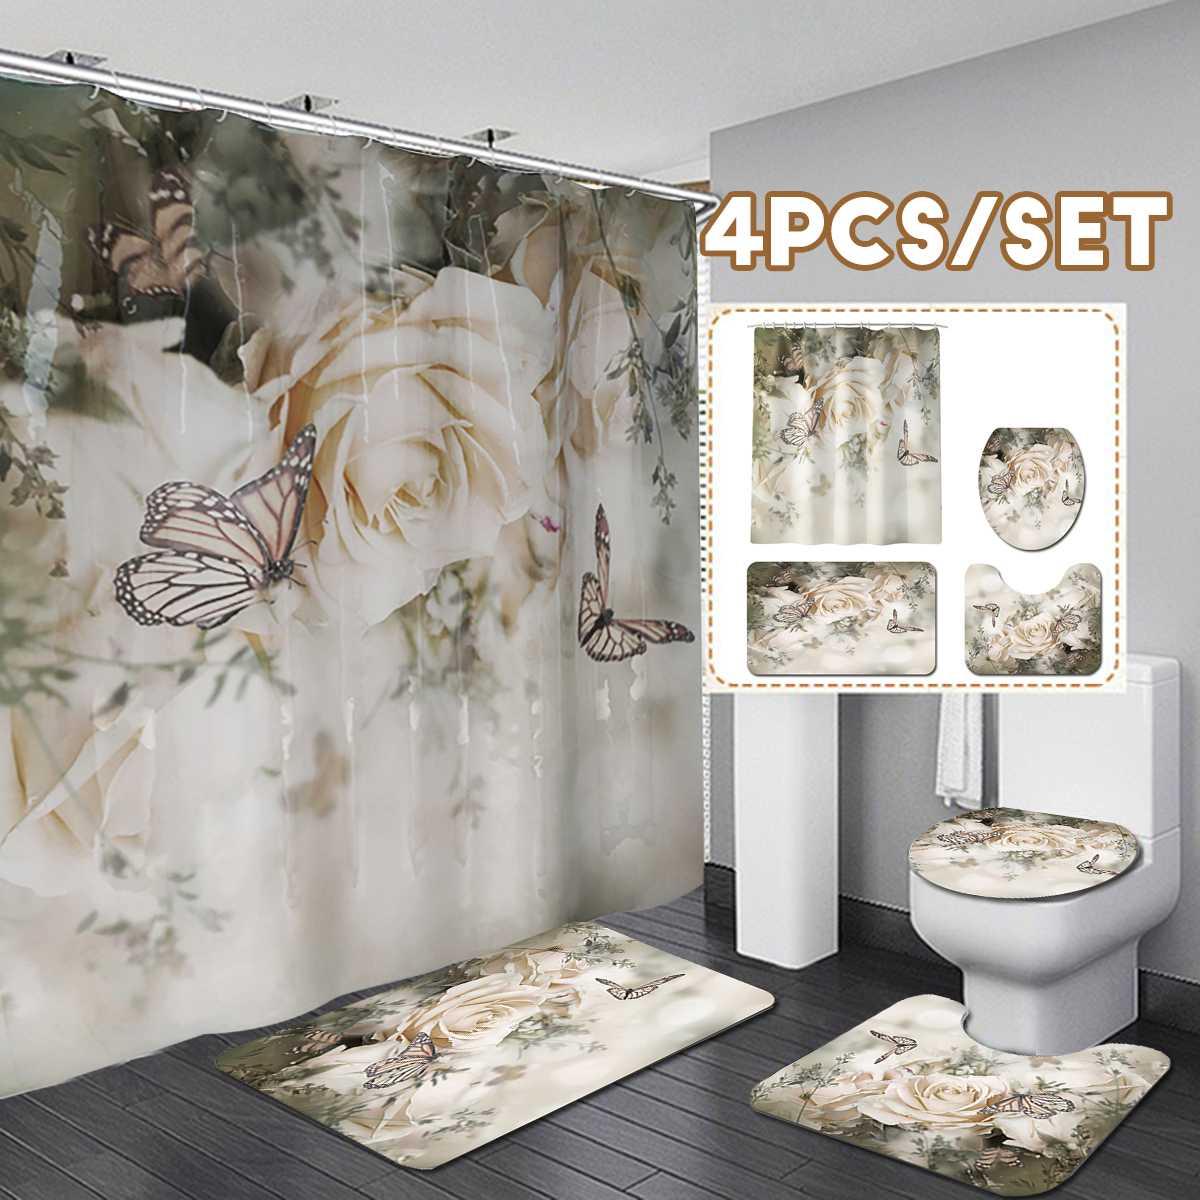 Cortinas de ducha rosas con flores y mariposas, impermeables, para baño, antideslizantes, para decoración de bañera